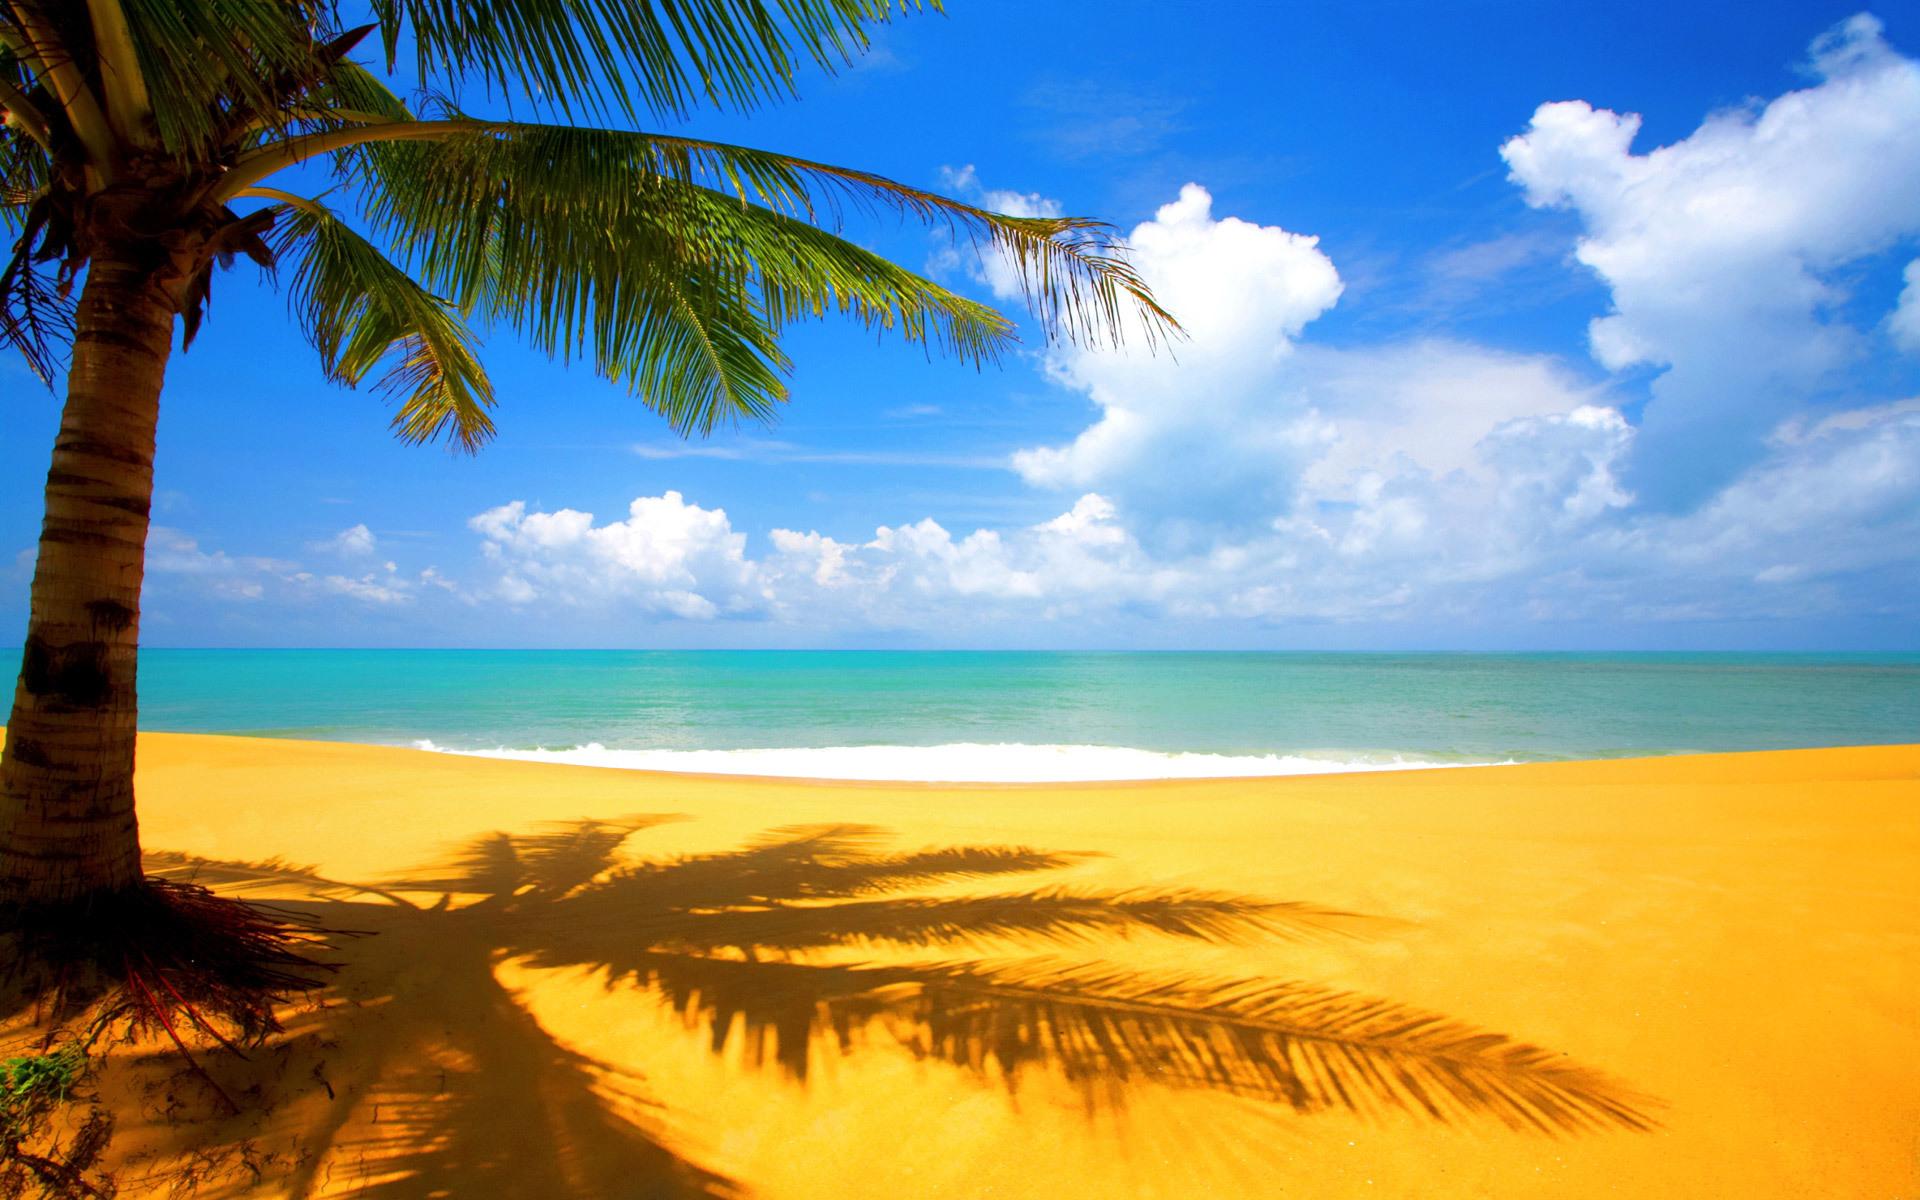 50123壁紙のダウンロード風景, 海, ビーチ-スクリーンセーバーと写真を無料で